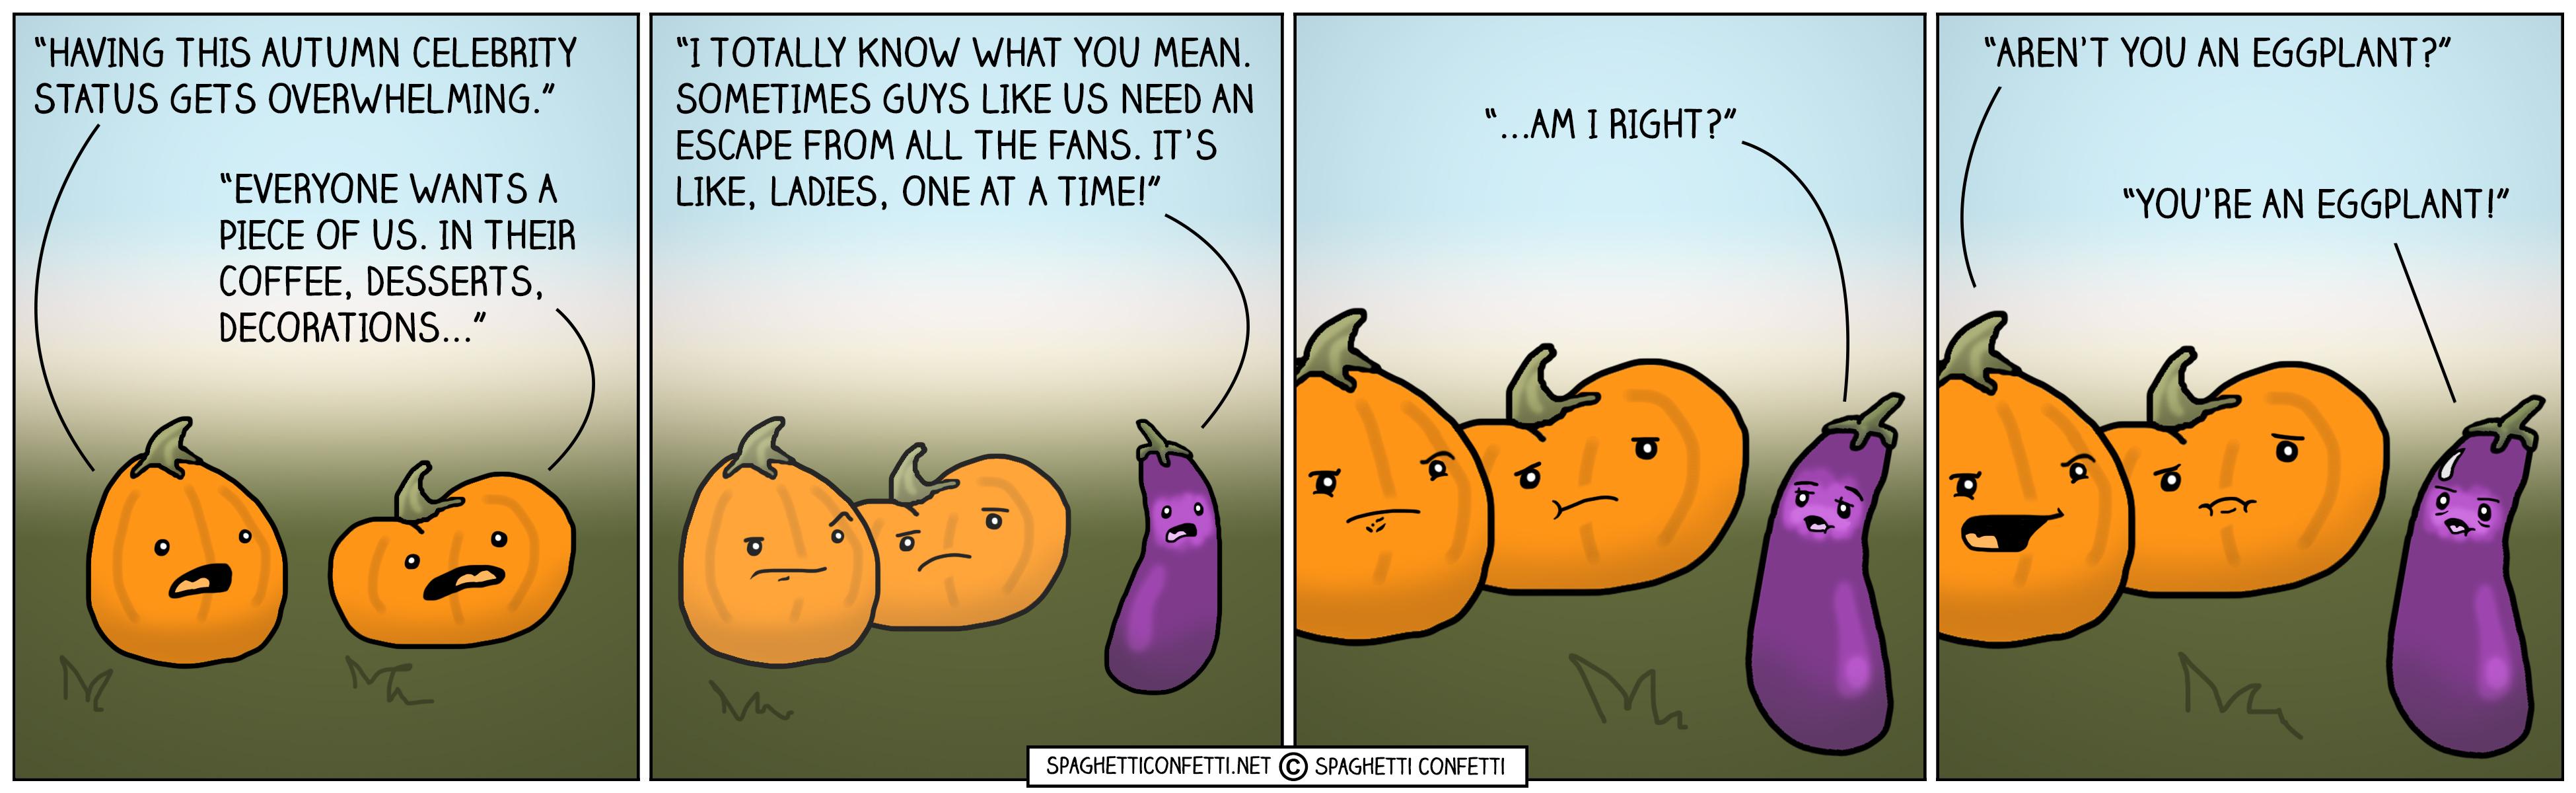 eggplant_110